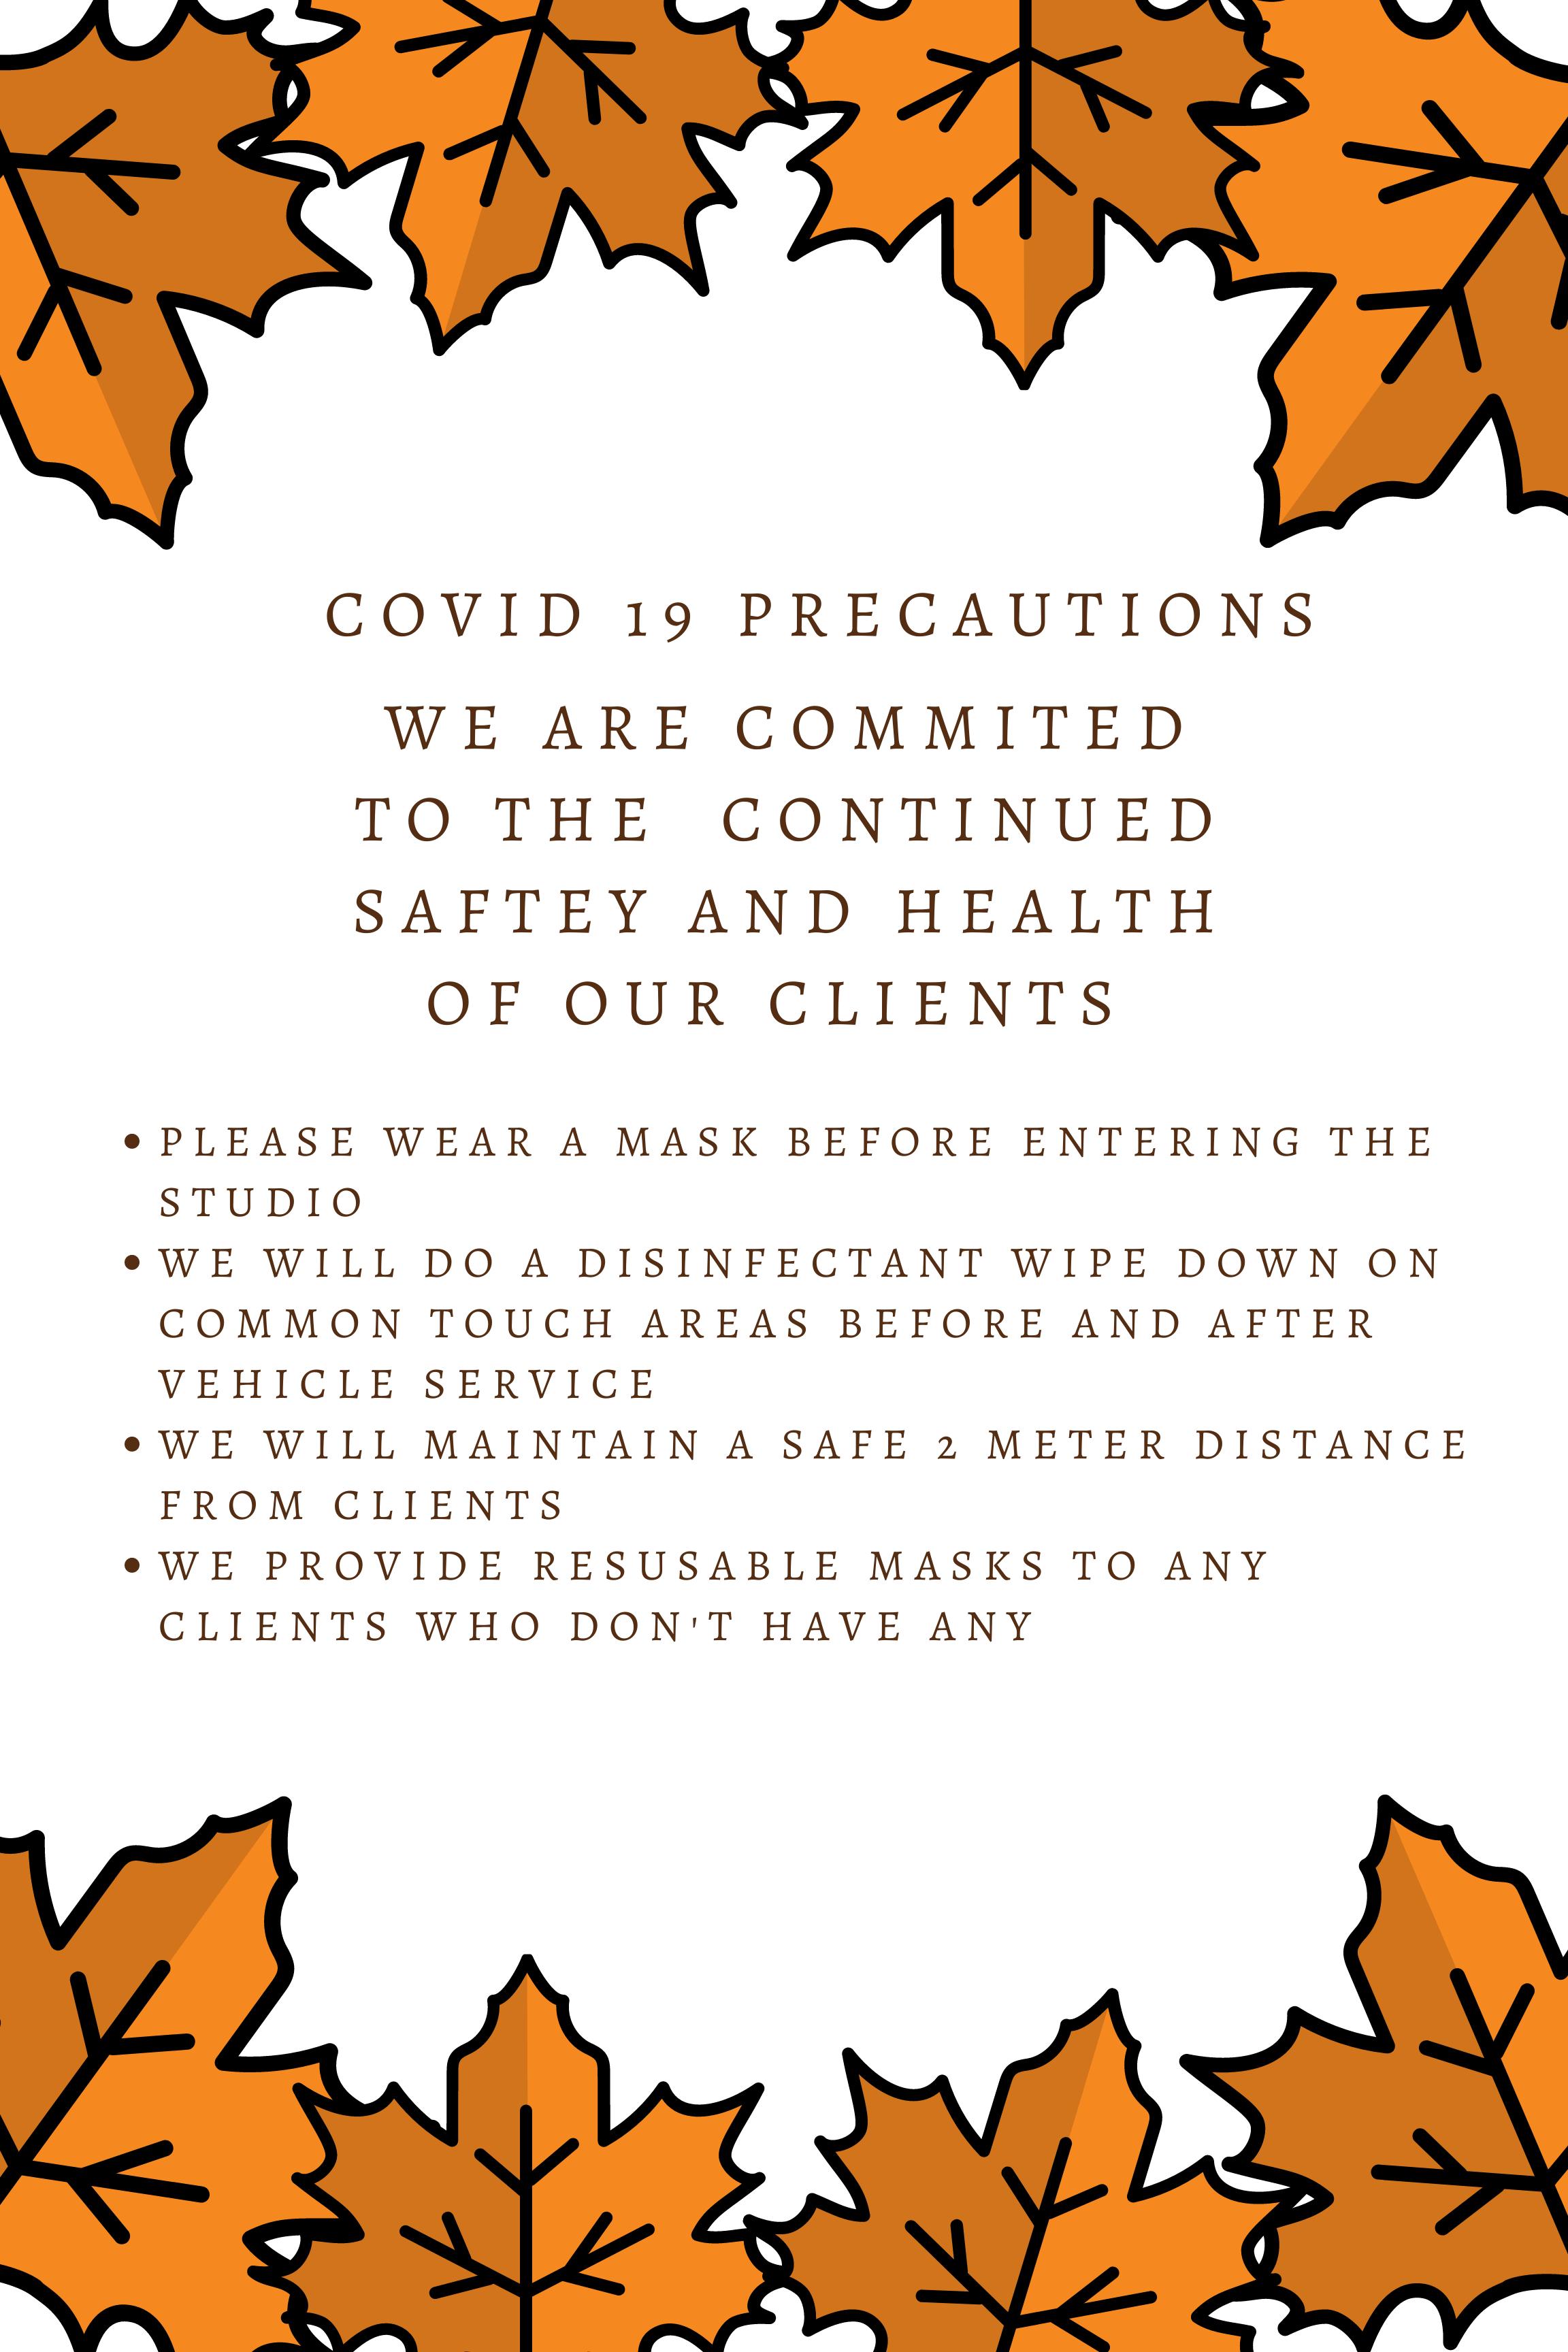 Covid 19 Precautions